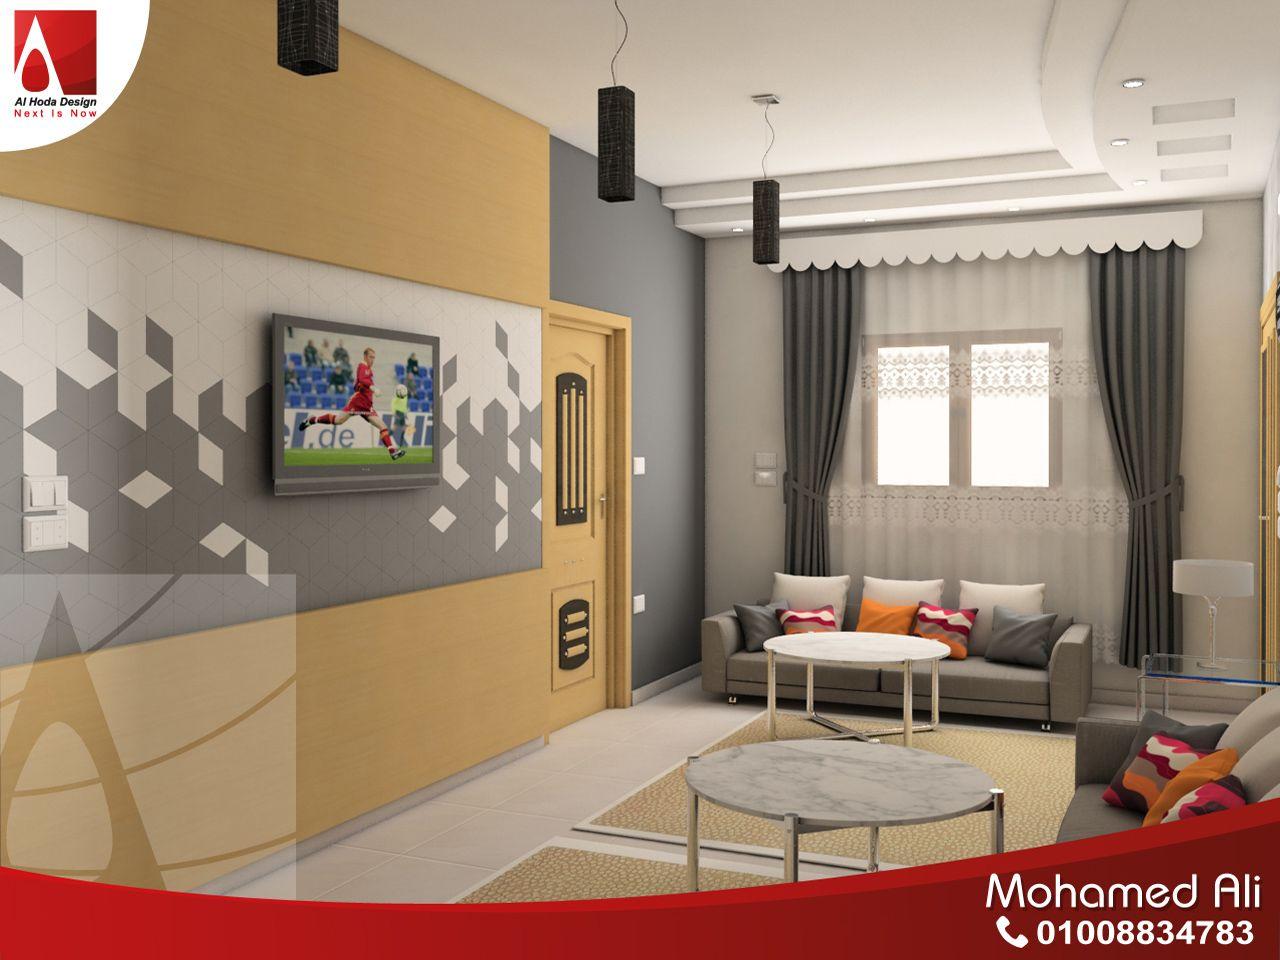 منطقة ليفينج الدور الثانى بخلفية الشاشة ستايل مودرن Home Decor Home Decor Decals Decor